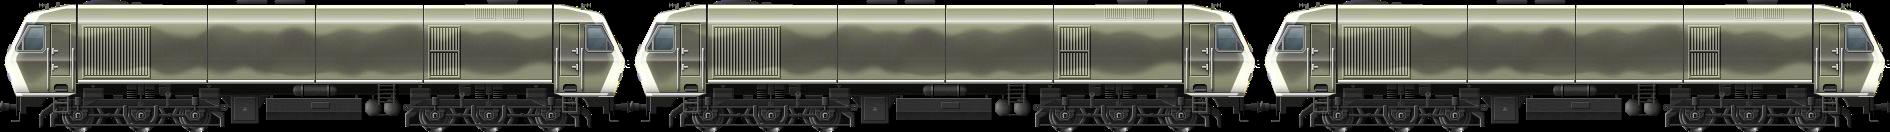 DB Aero Freight